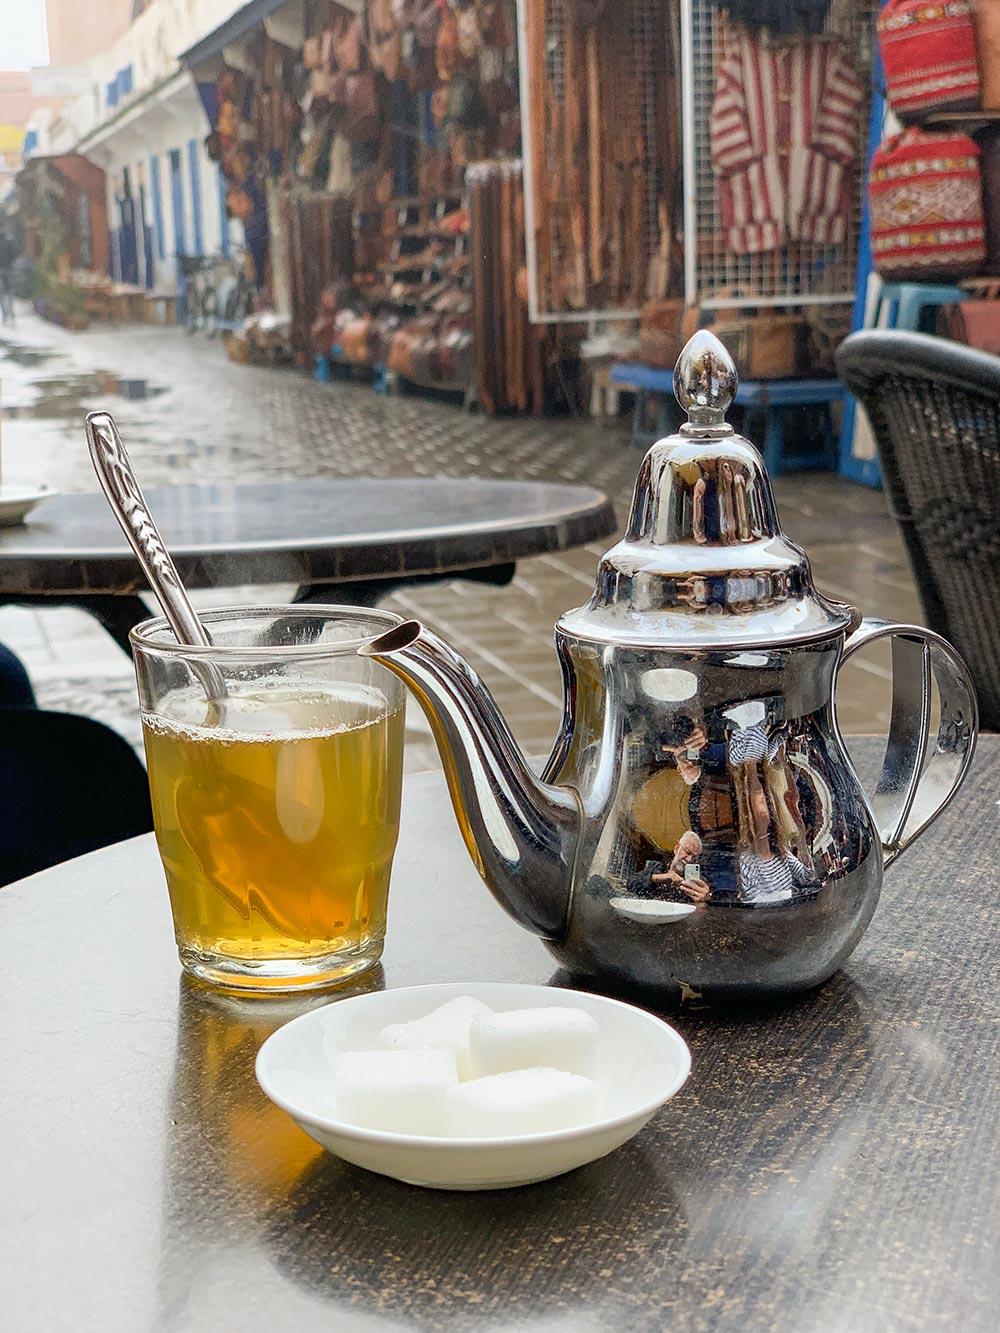 Thé à la menthe, marokkanischer Minztee © Siegbert Mattheis